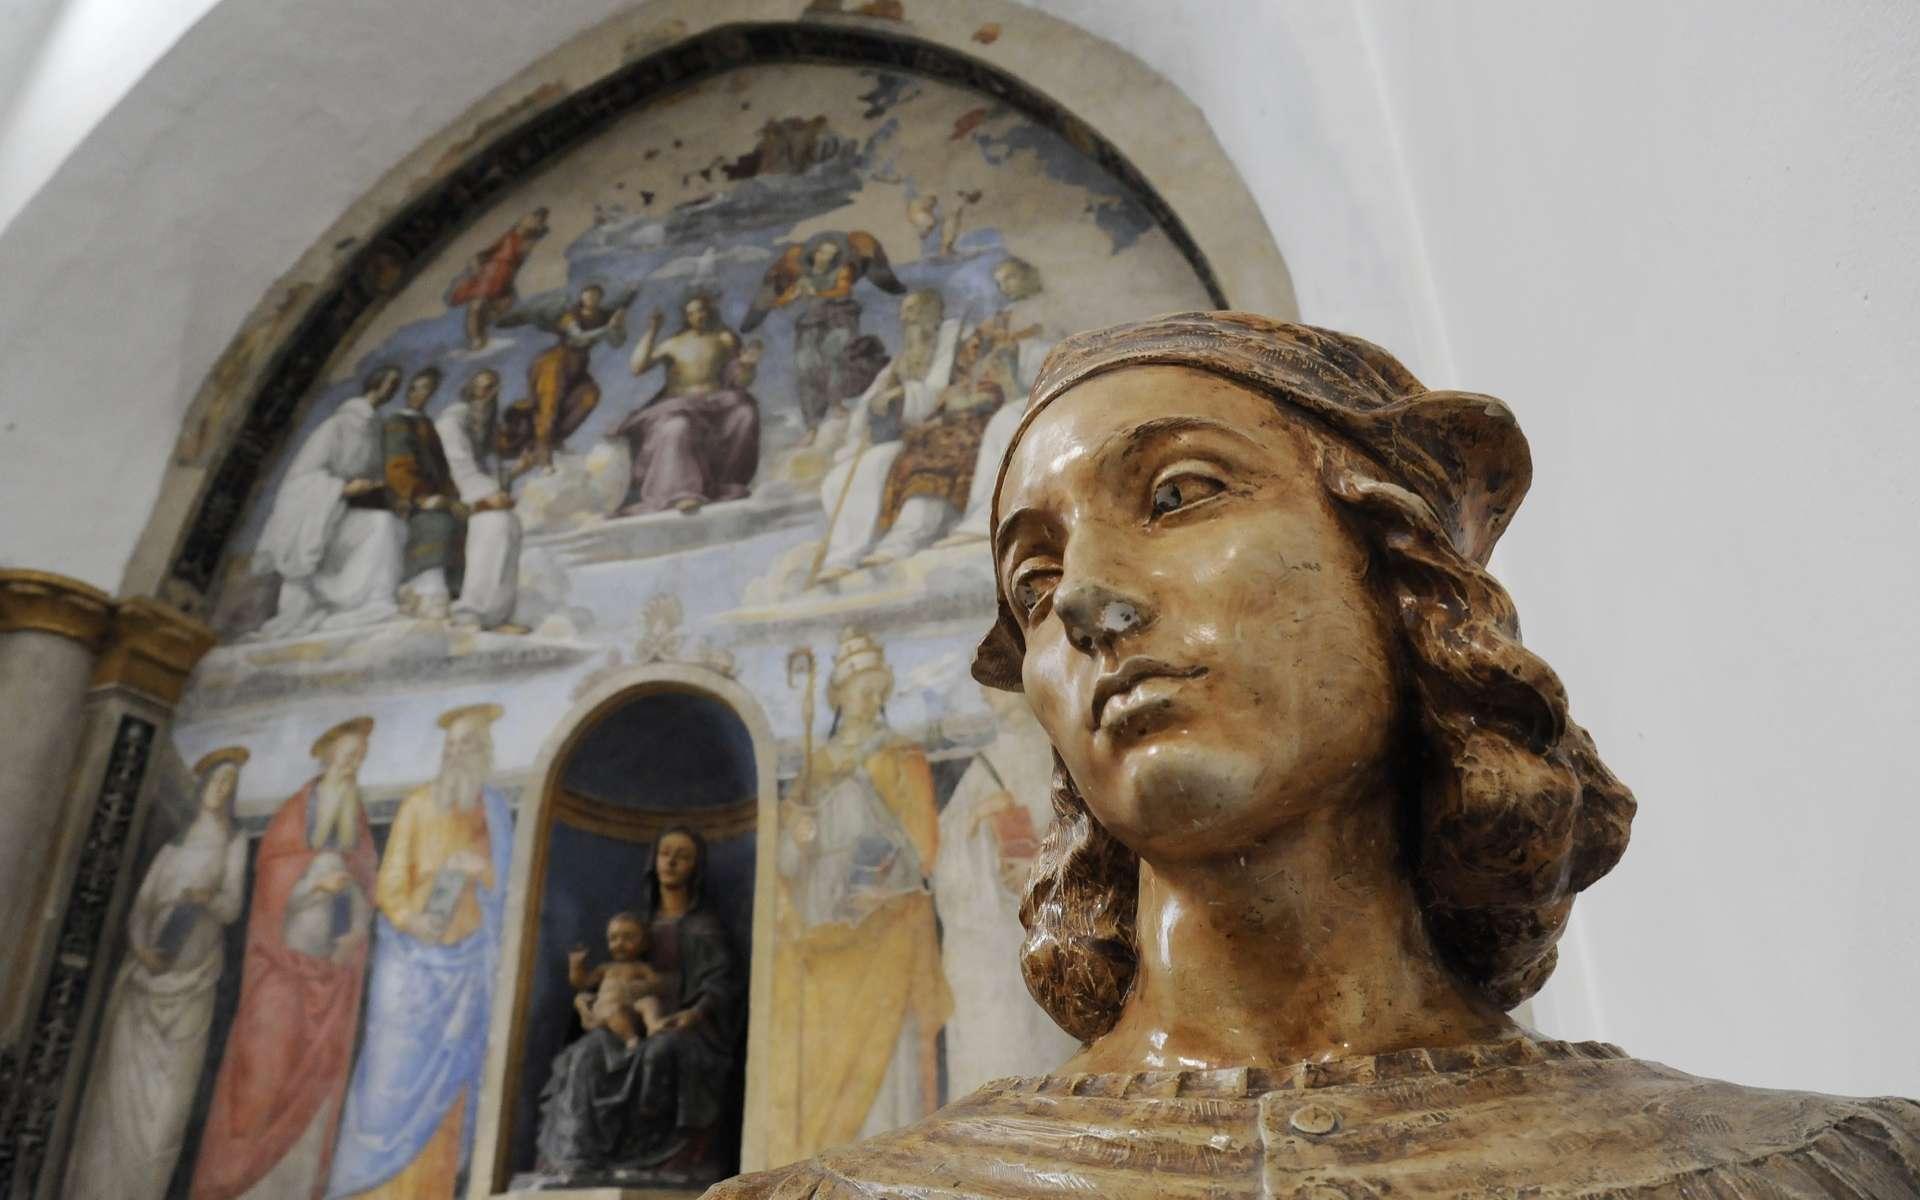 Le buste de Raffaello Sanzio, dit Raphaël. En arrière-plan, l'une de ses fresques. Chapelle de San Severo, Pérouse, Italie. © Davide Zanin, Adobe Stock